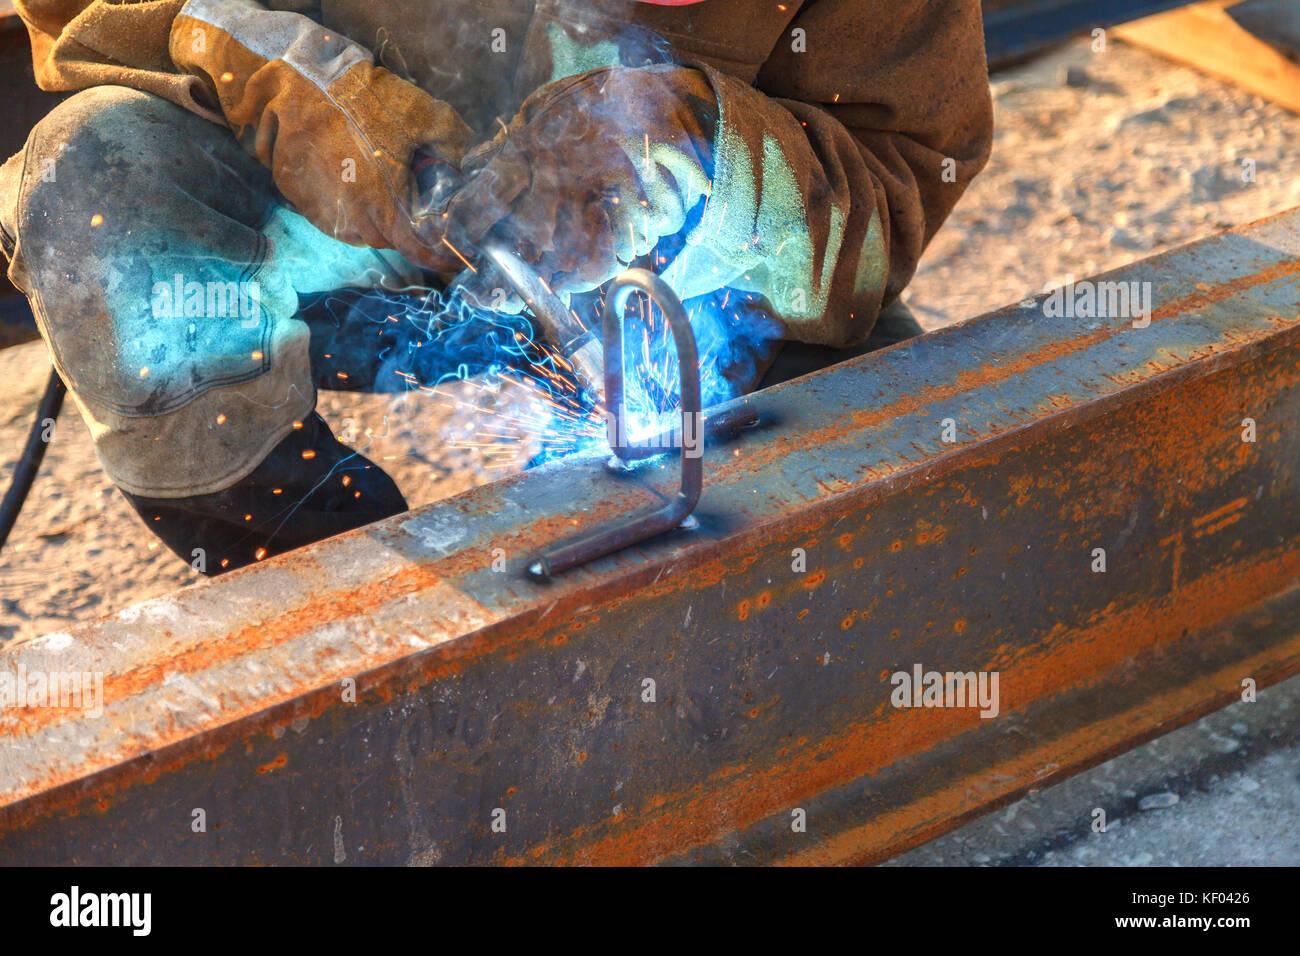 Welding work, welder welding metal material in heavy industry manufacturing, video clip Stock Photo